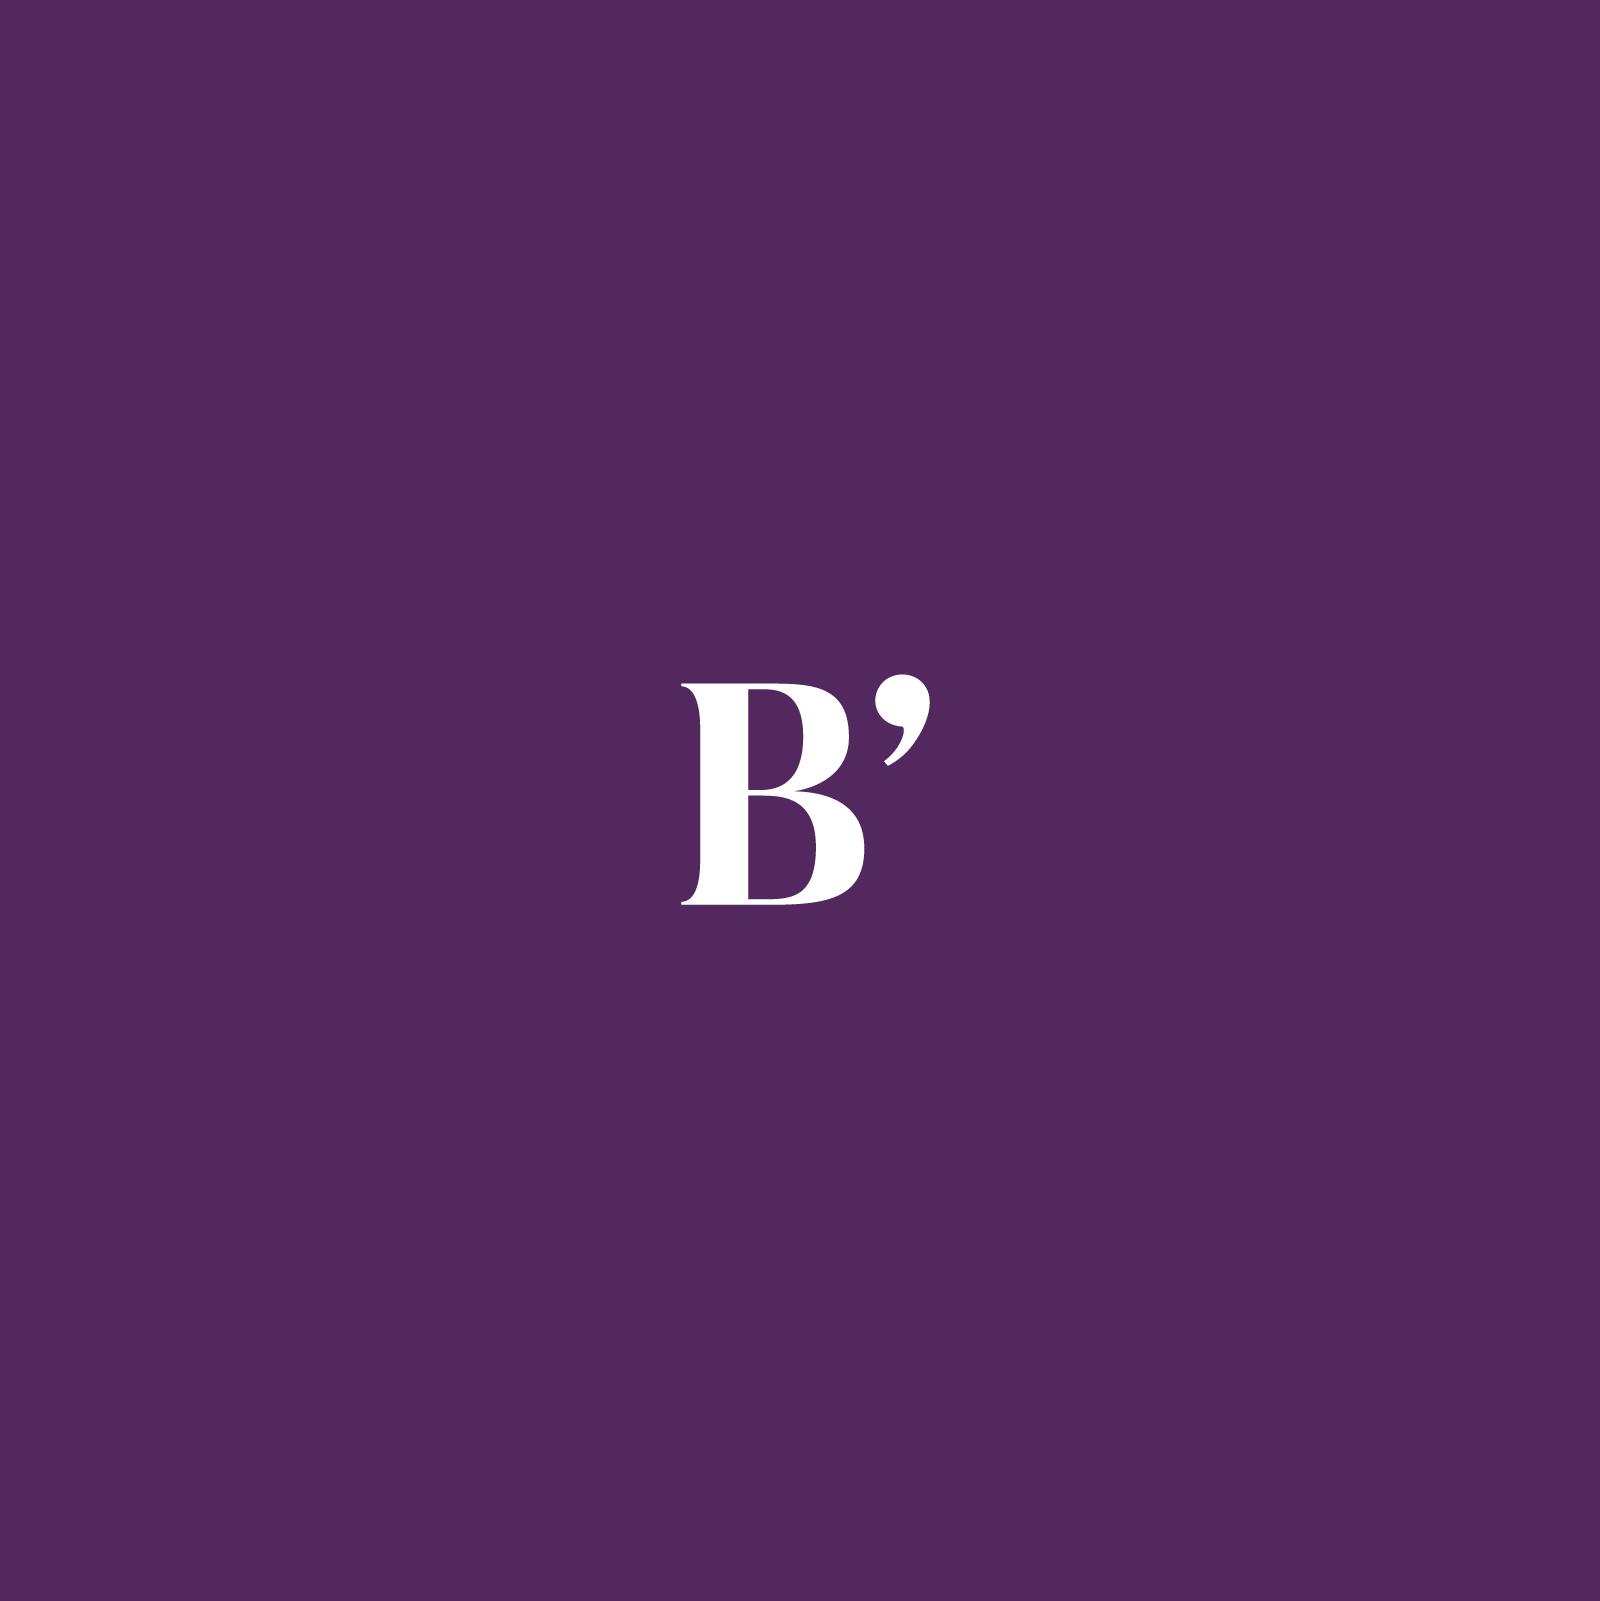 LOGOTYPE-IDENTITE-VISUELLE-ANTOINE-PELTIER-DESIGNER-BALERIES-5